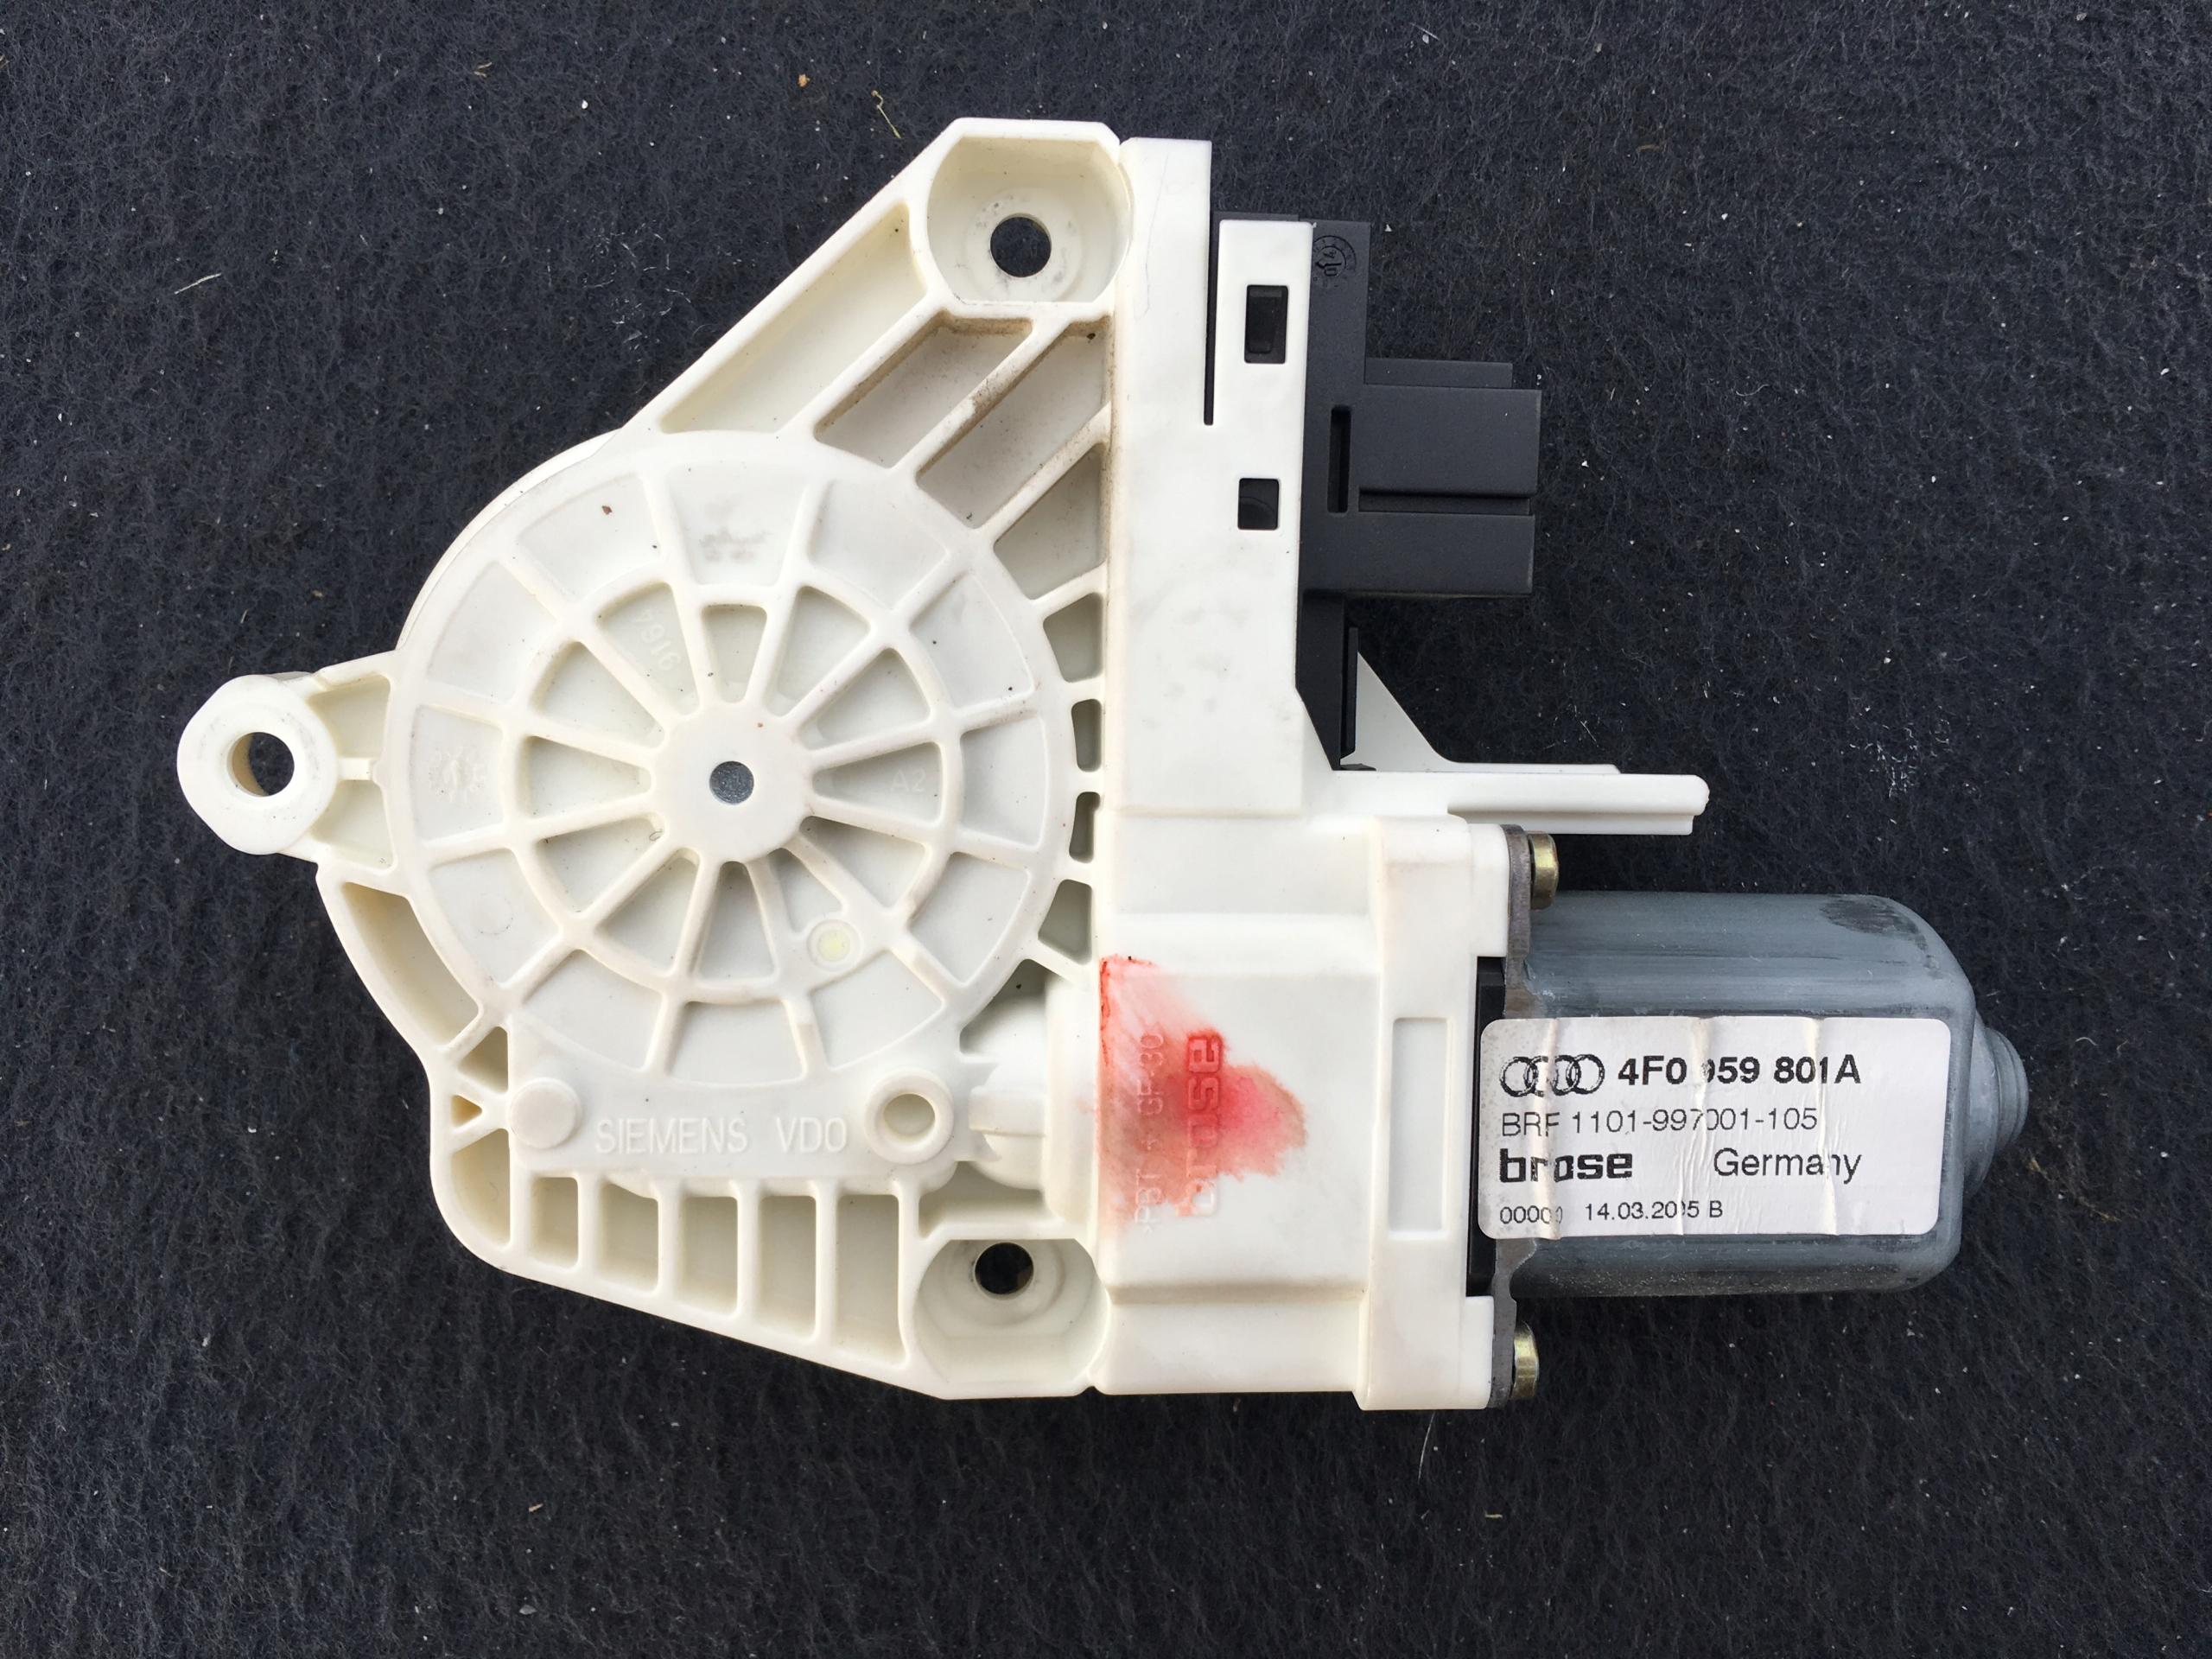 двигатель стекла левый сзади audi a6 c6 4f0959801a